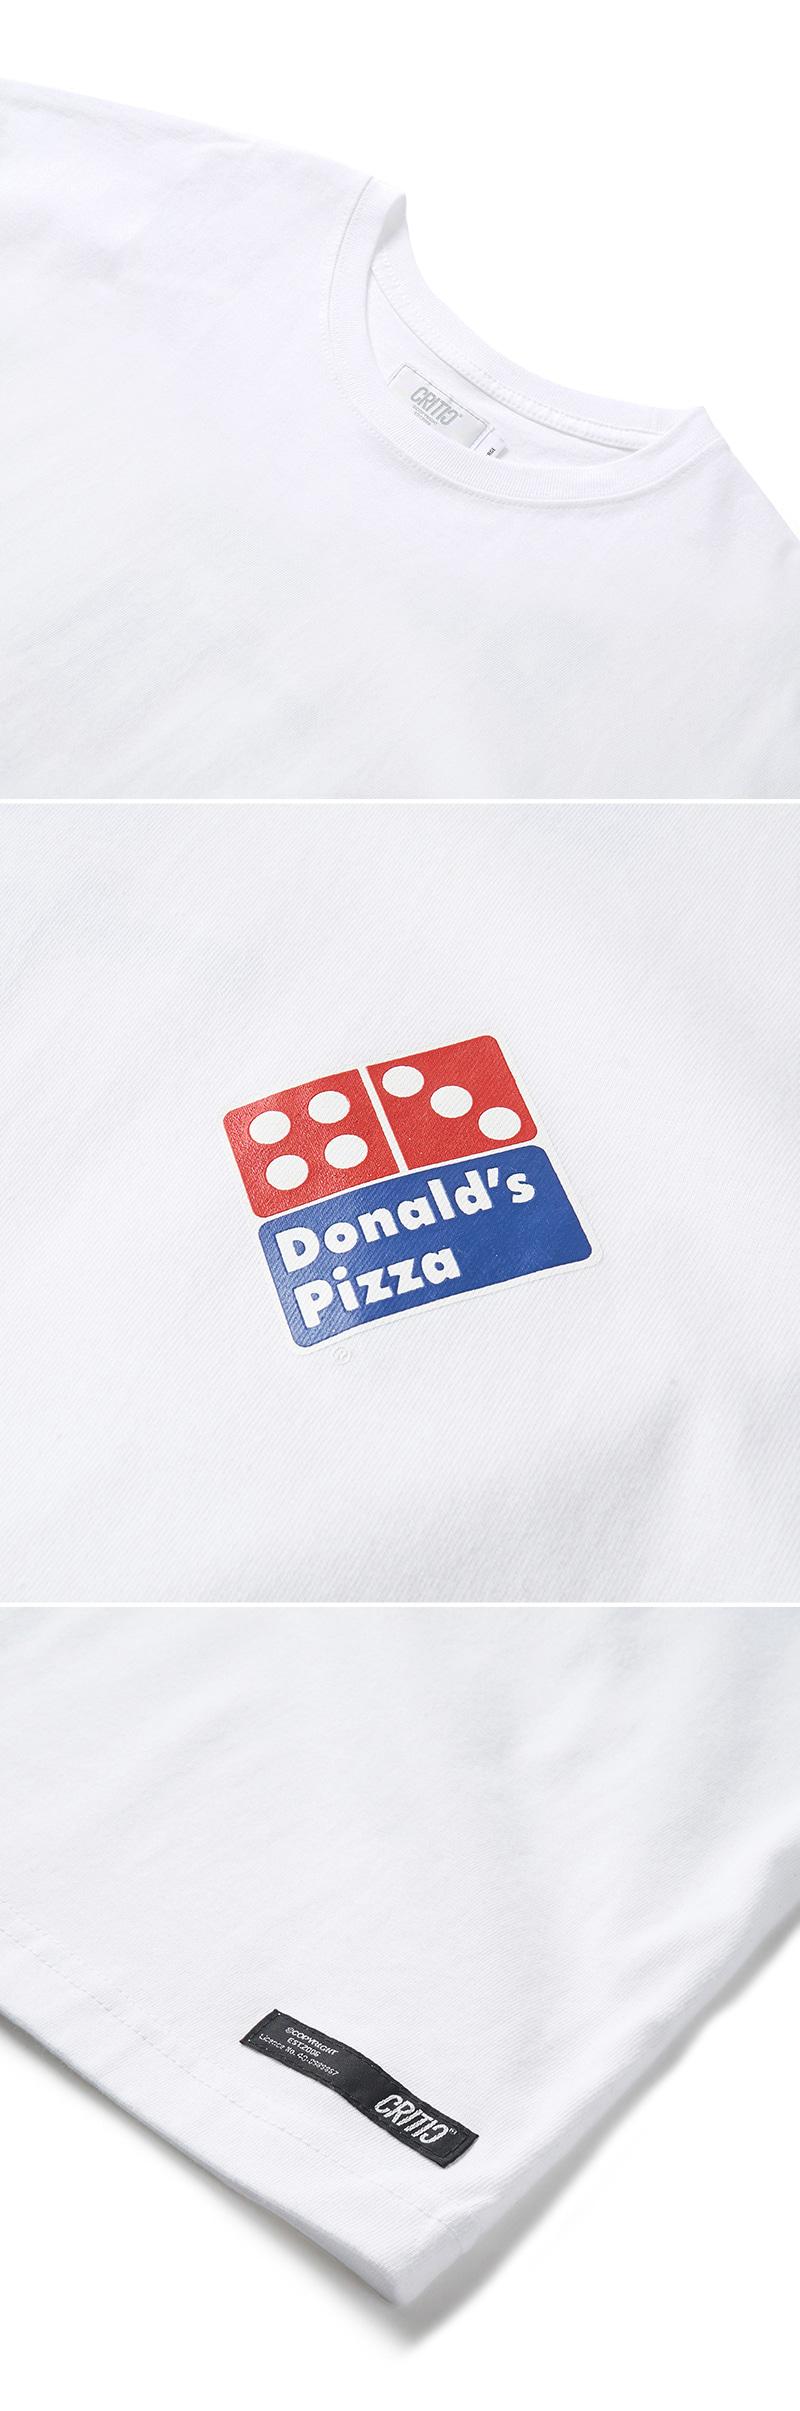 크리틱 PIZZA BOY PSYCHO BUTCHER T-SHIRT(WHITE)_CTONURS02UC2